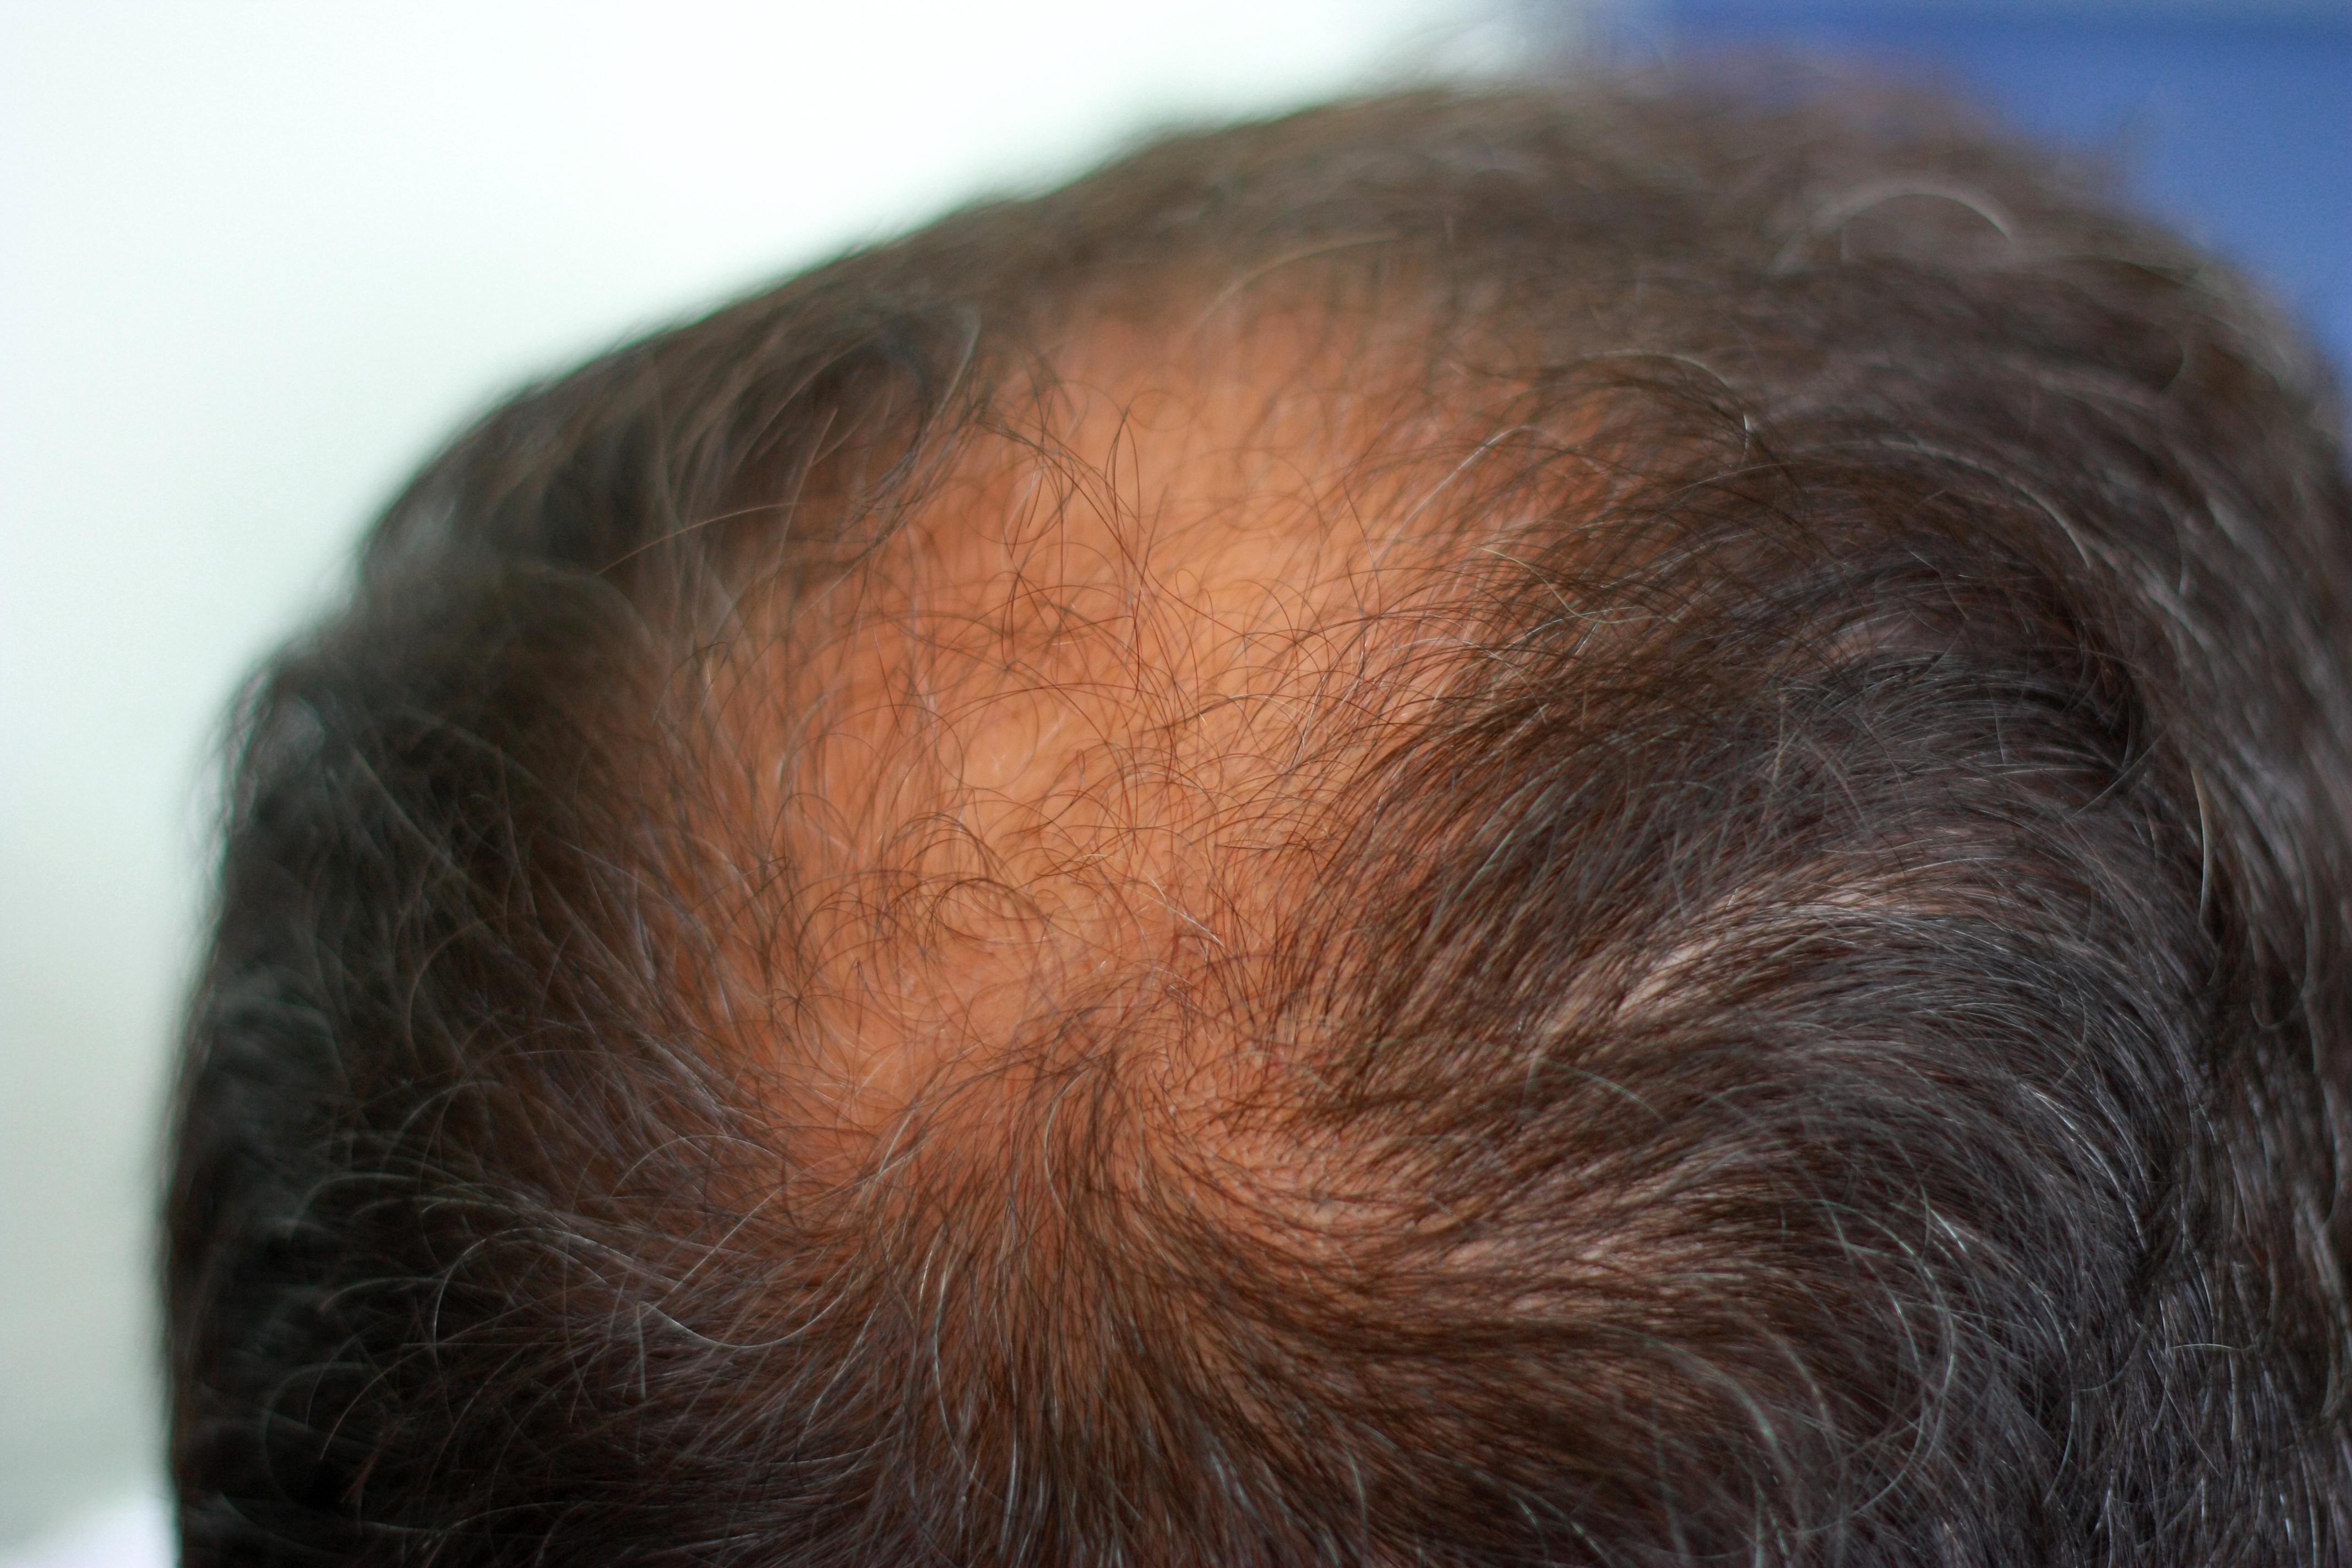 Börjar den där kala fläcken på hjässan kännas större och större? Då har du förmodligen drabbats av håravfall, något som förr eller senare drabbar en stor andel män.